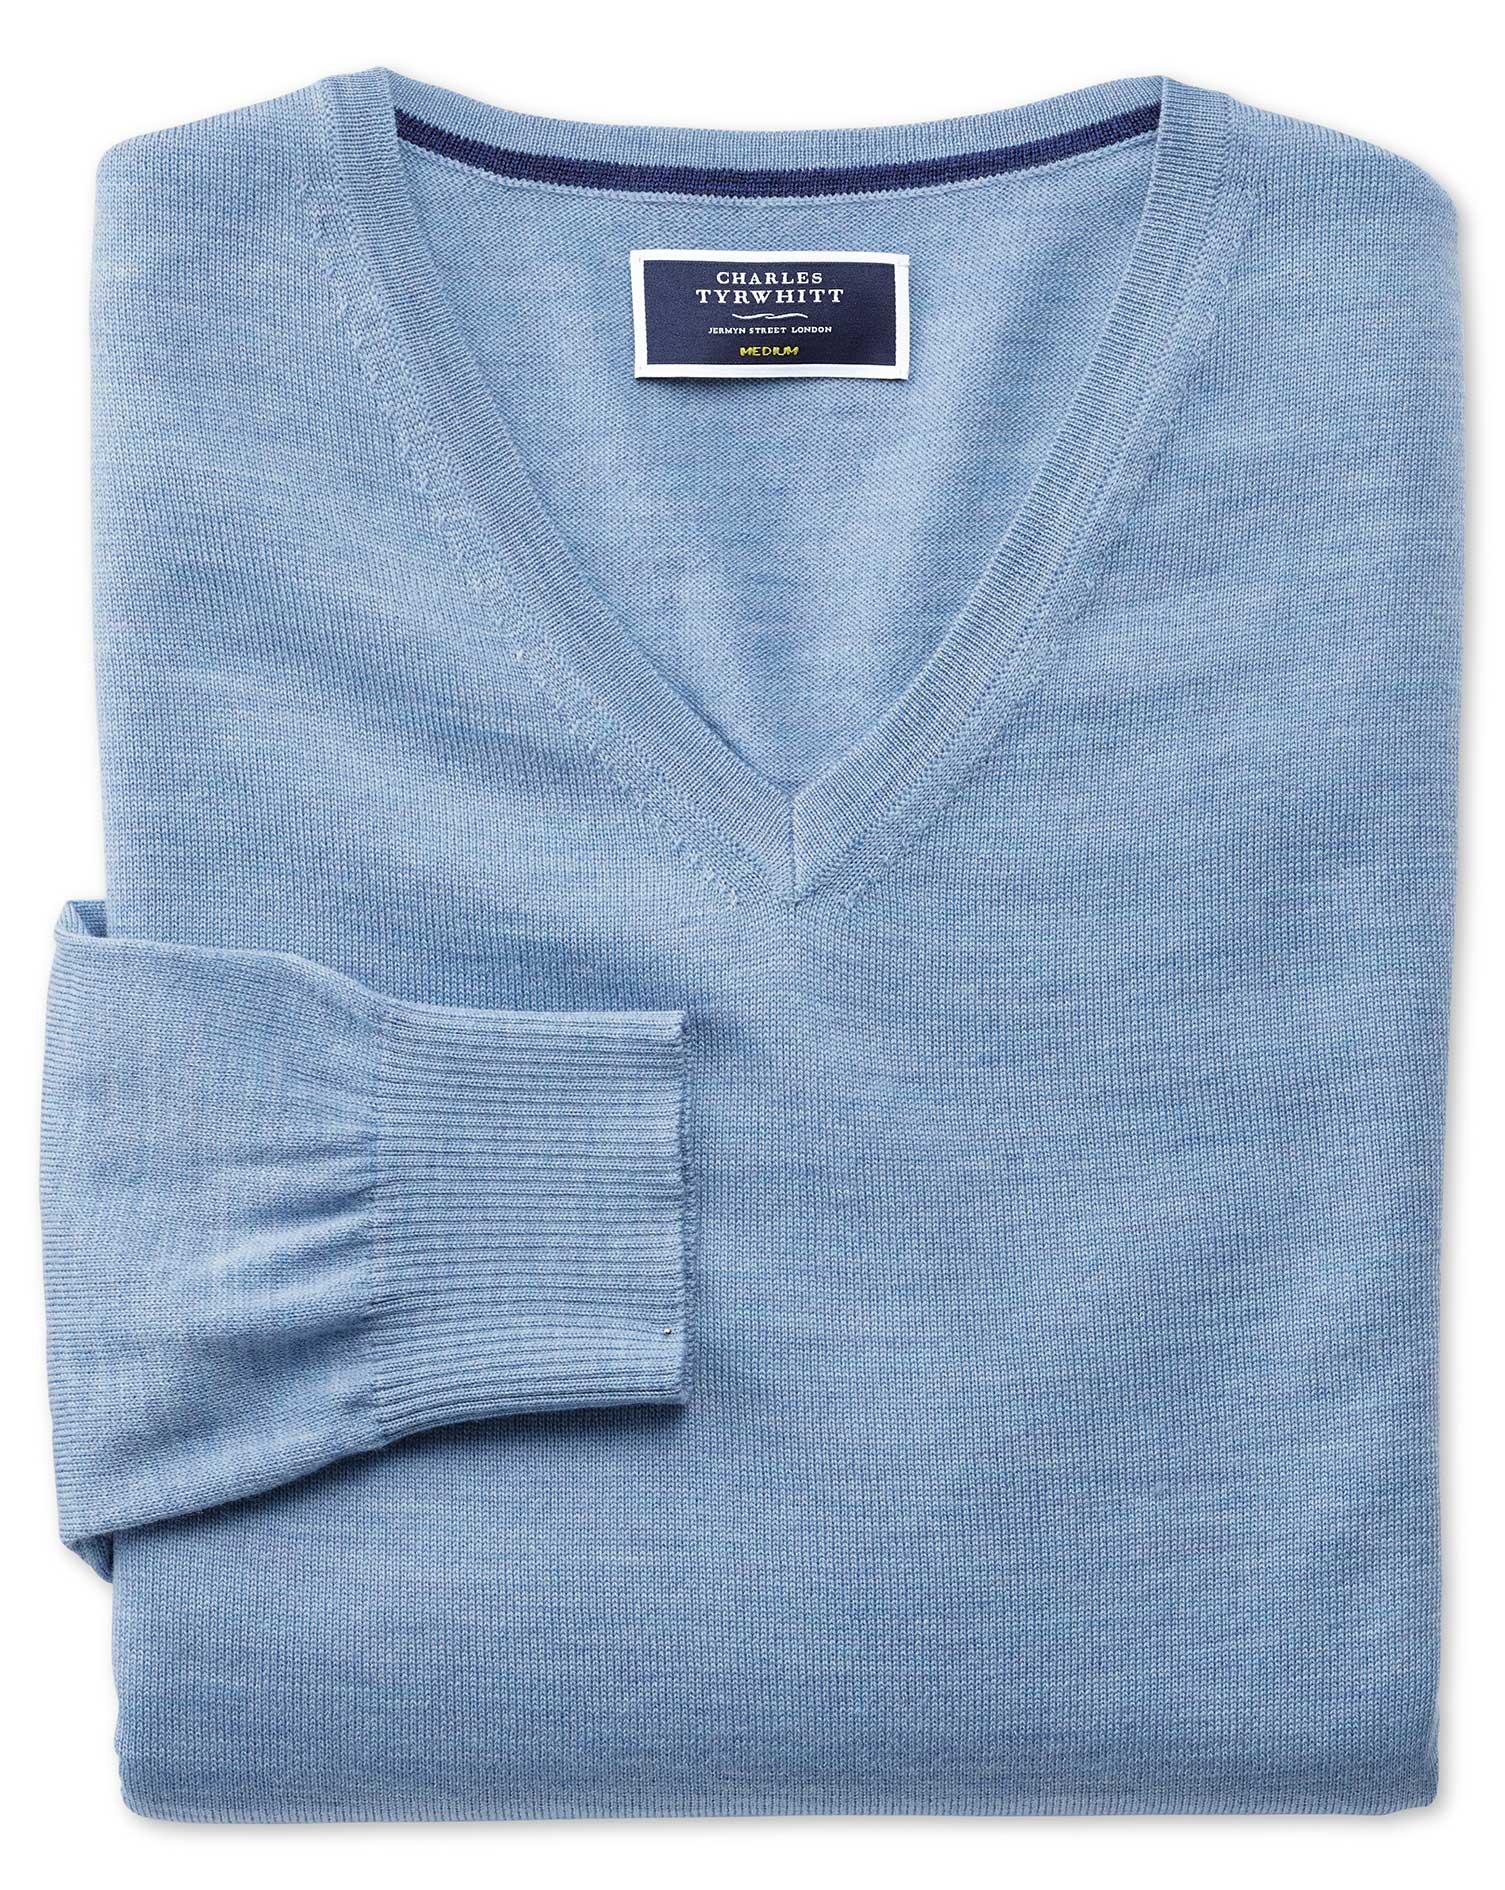 Sky Merino Wool V-Neck Jumper Size Small by Charles Tyrwhitt